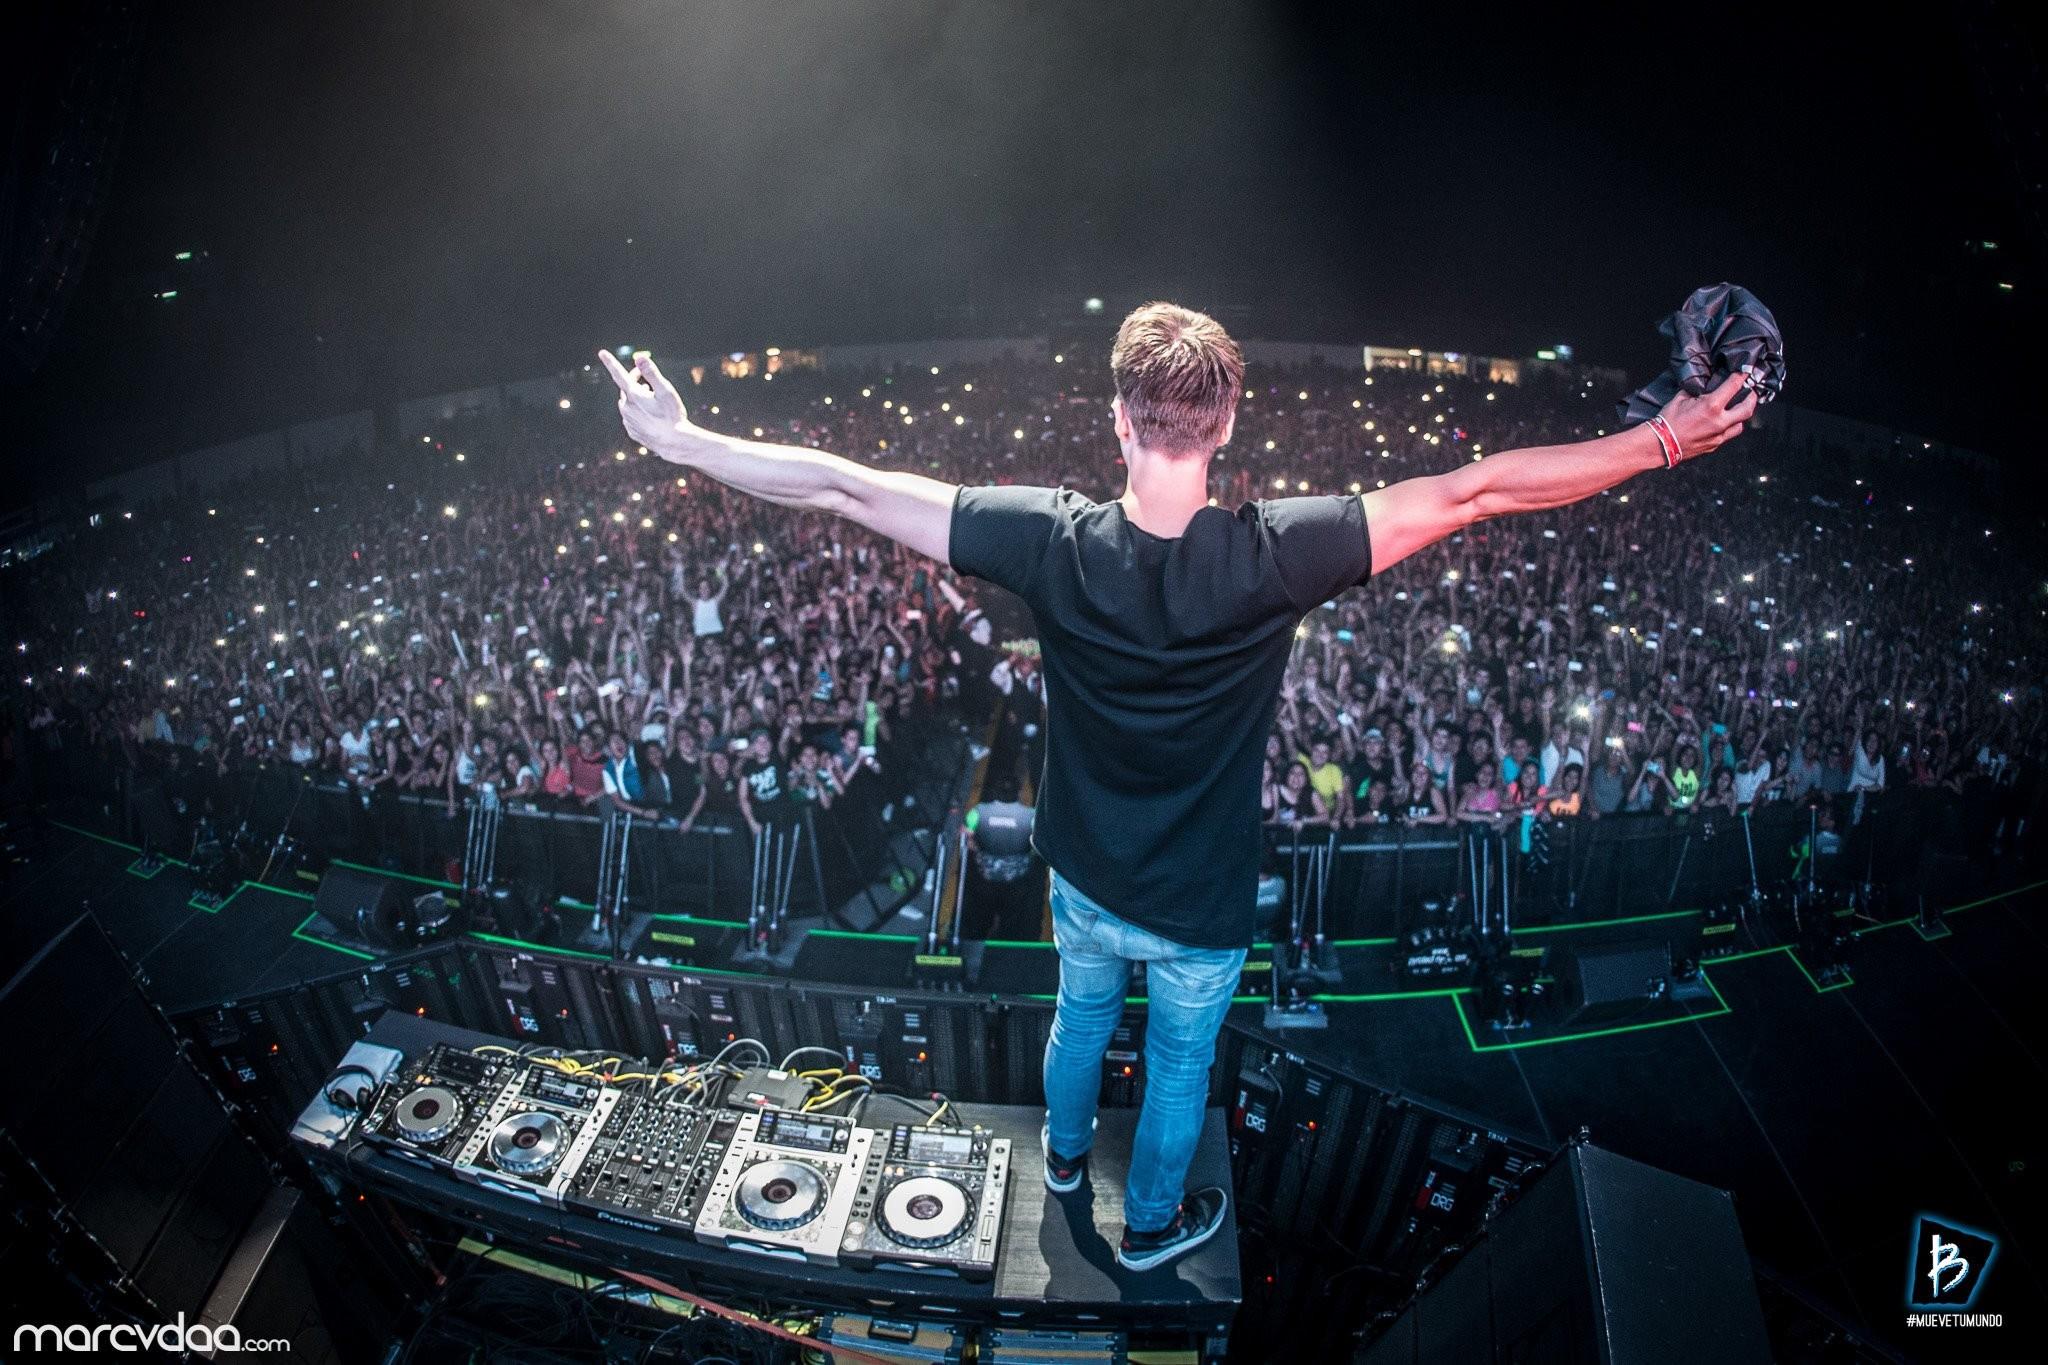 Music – Dannic Music Turntables Festival Concert DJ Wallpaper